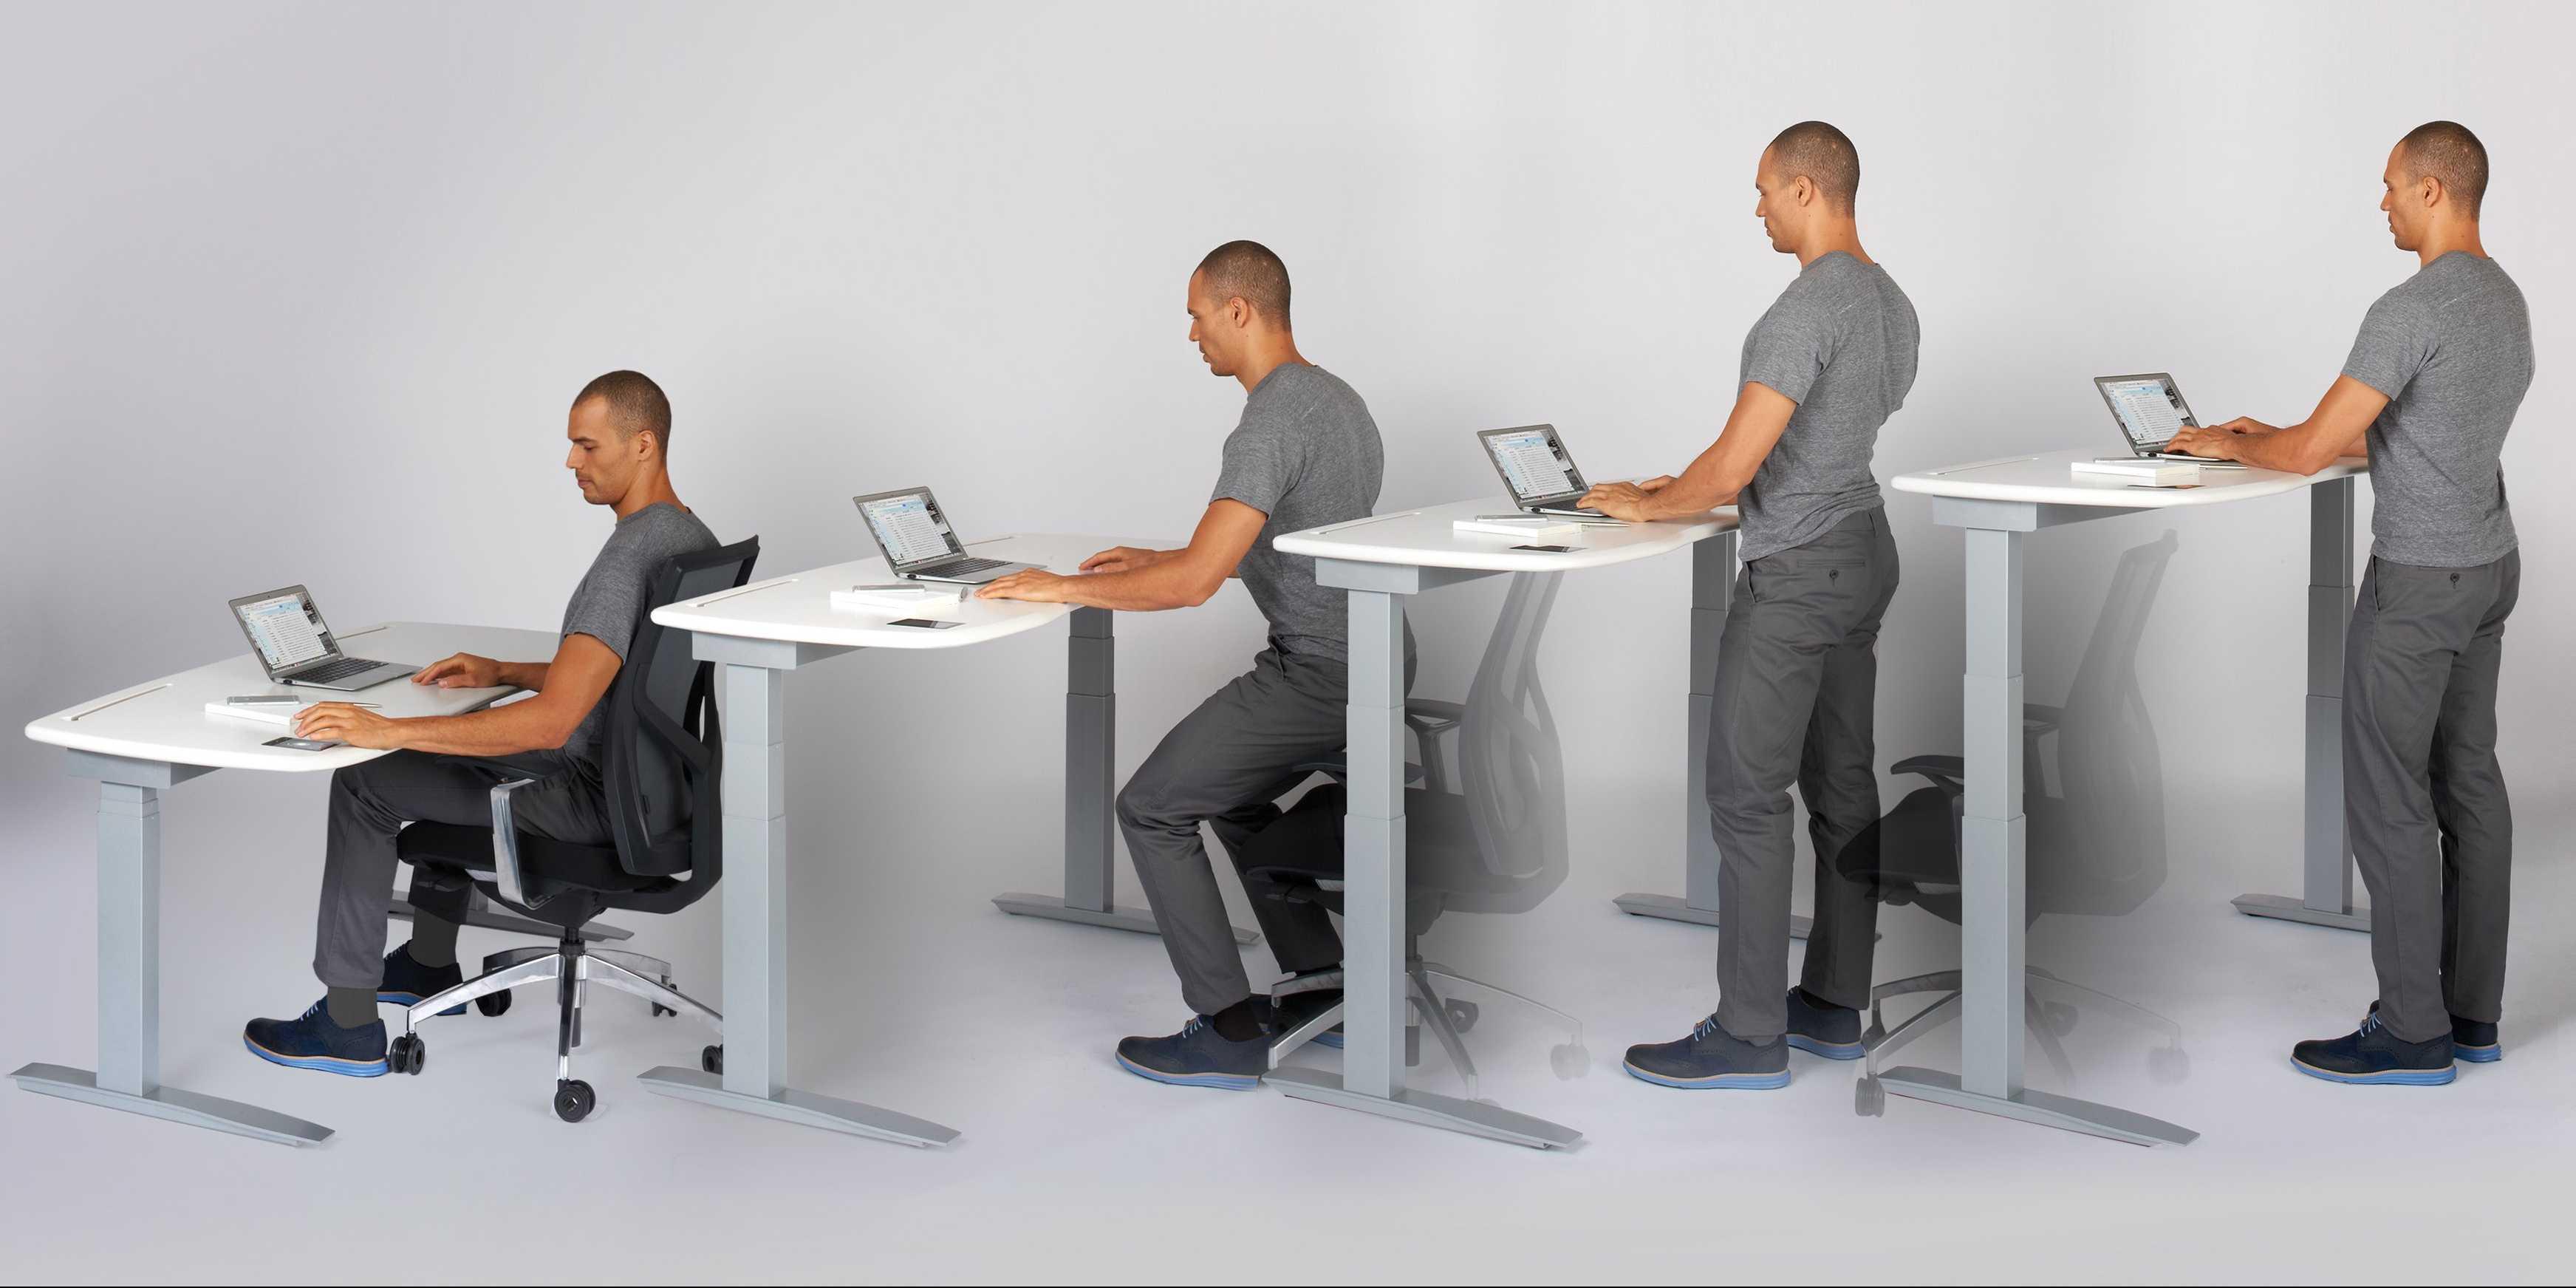 bureau assis debout le guide pour bien choisir adopte. Black Bedroom Furniture Sets. Home Design Ideas